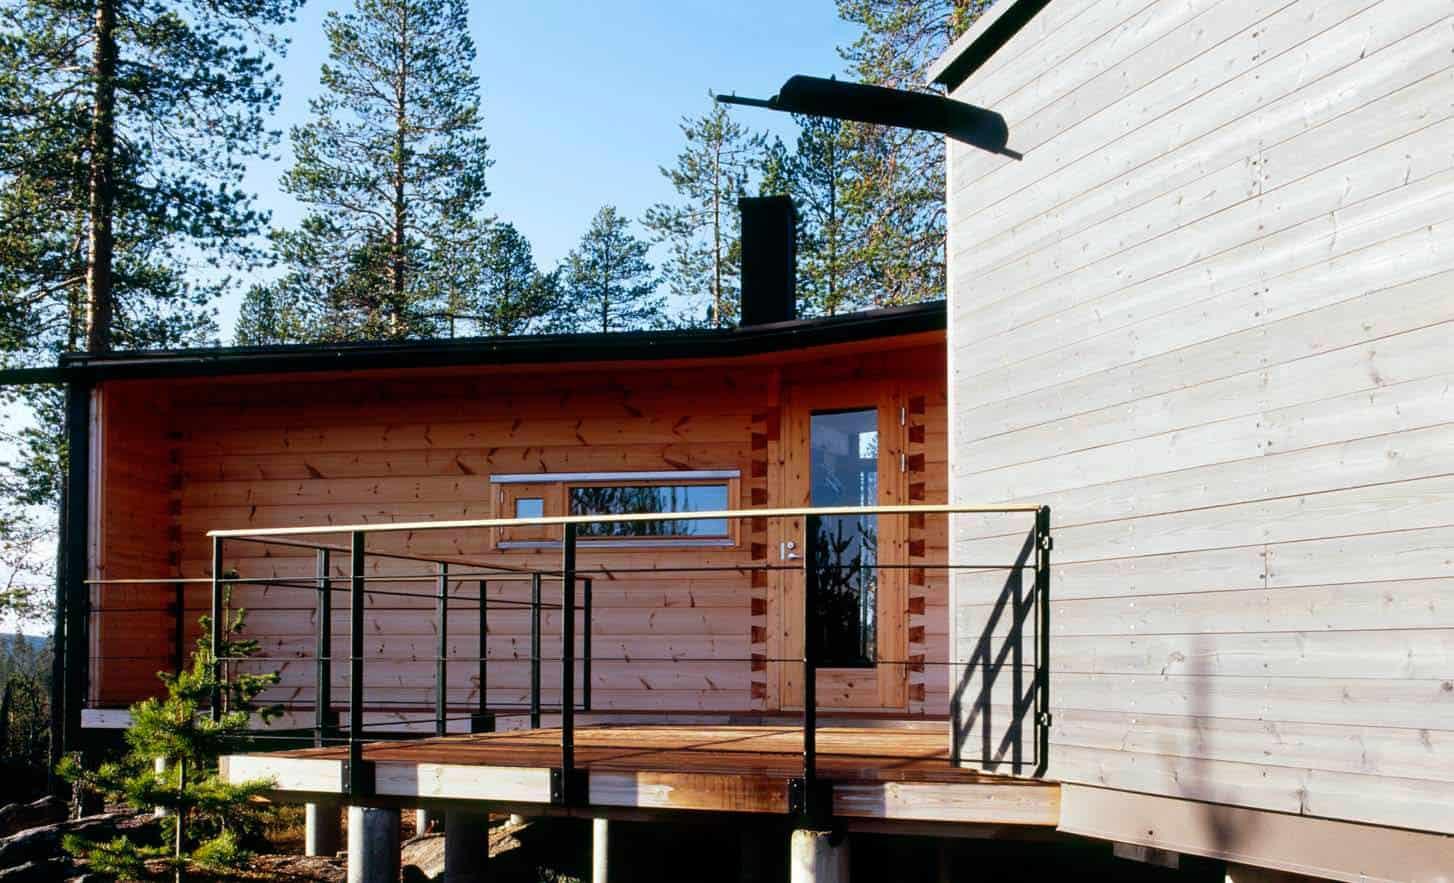 Villa Valtanen by Arkkitehtitoimisto Louekari (5)